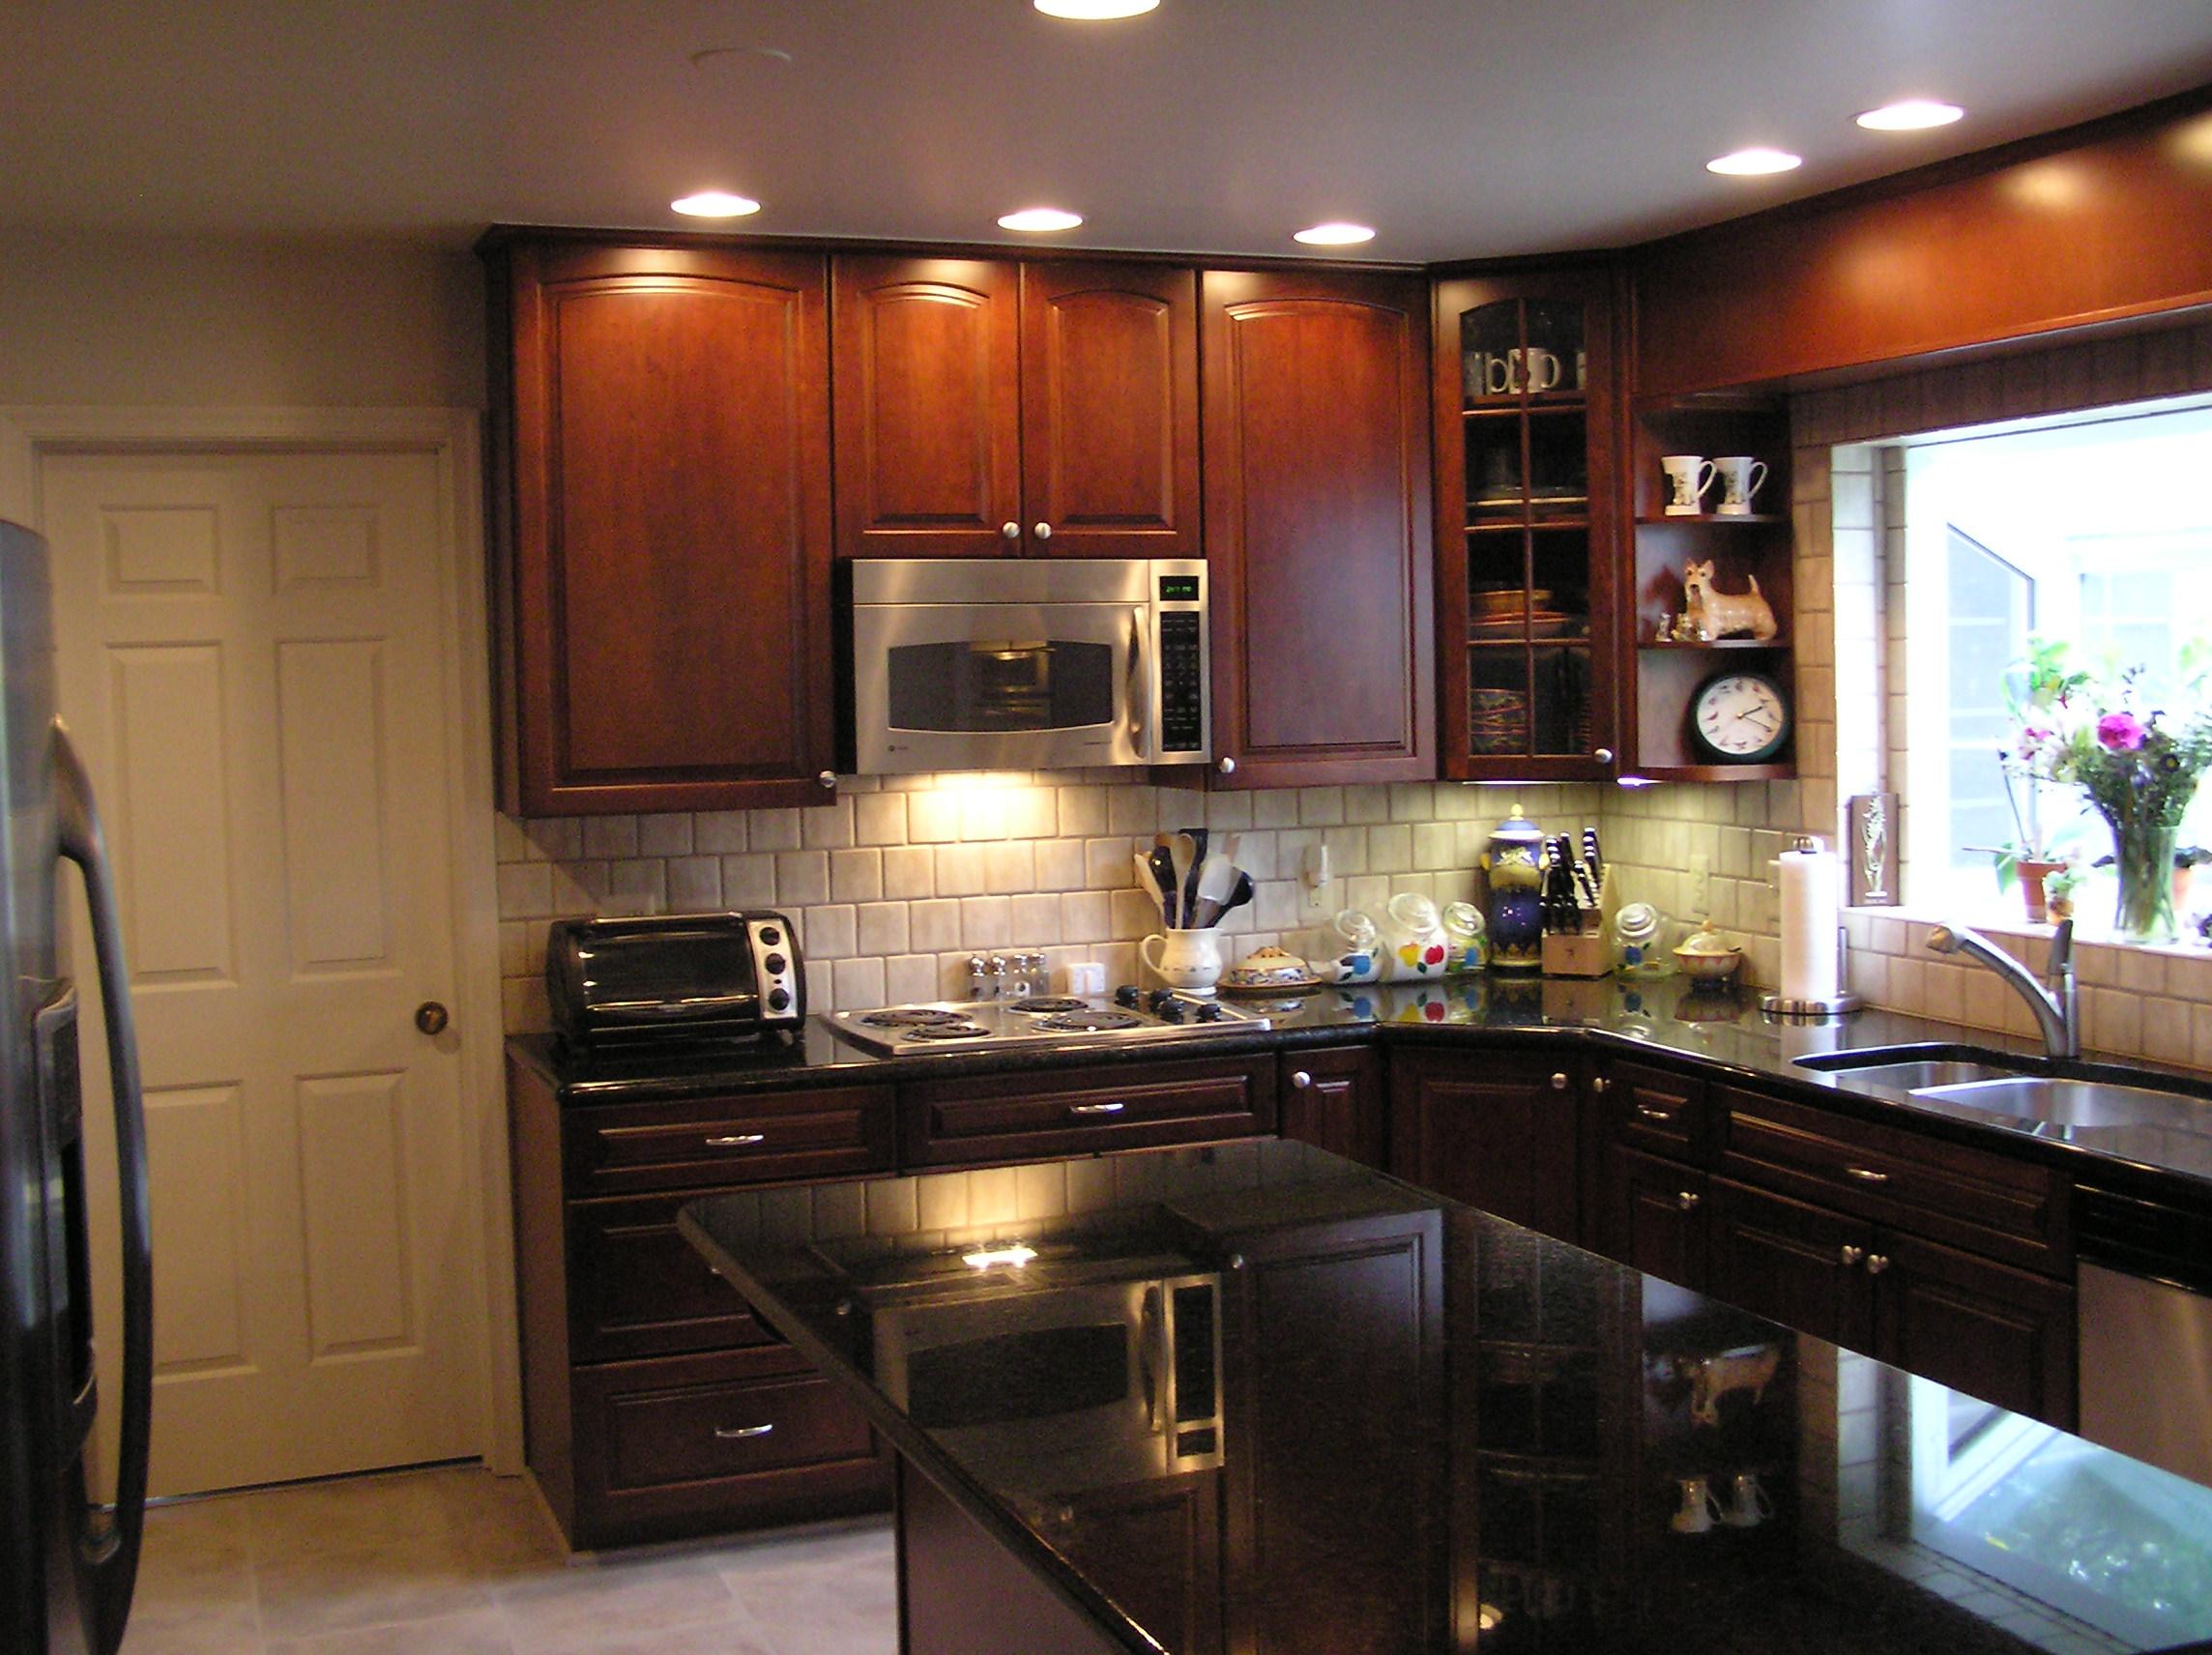 small kitchen photos photo - 1